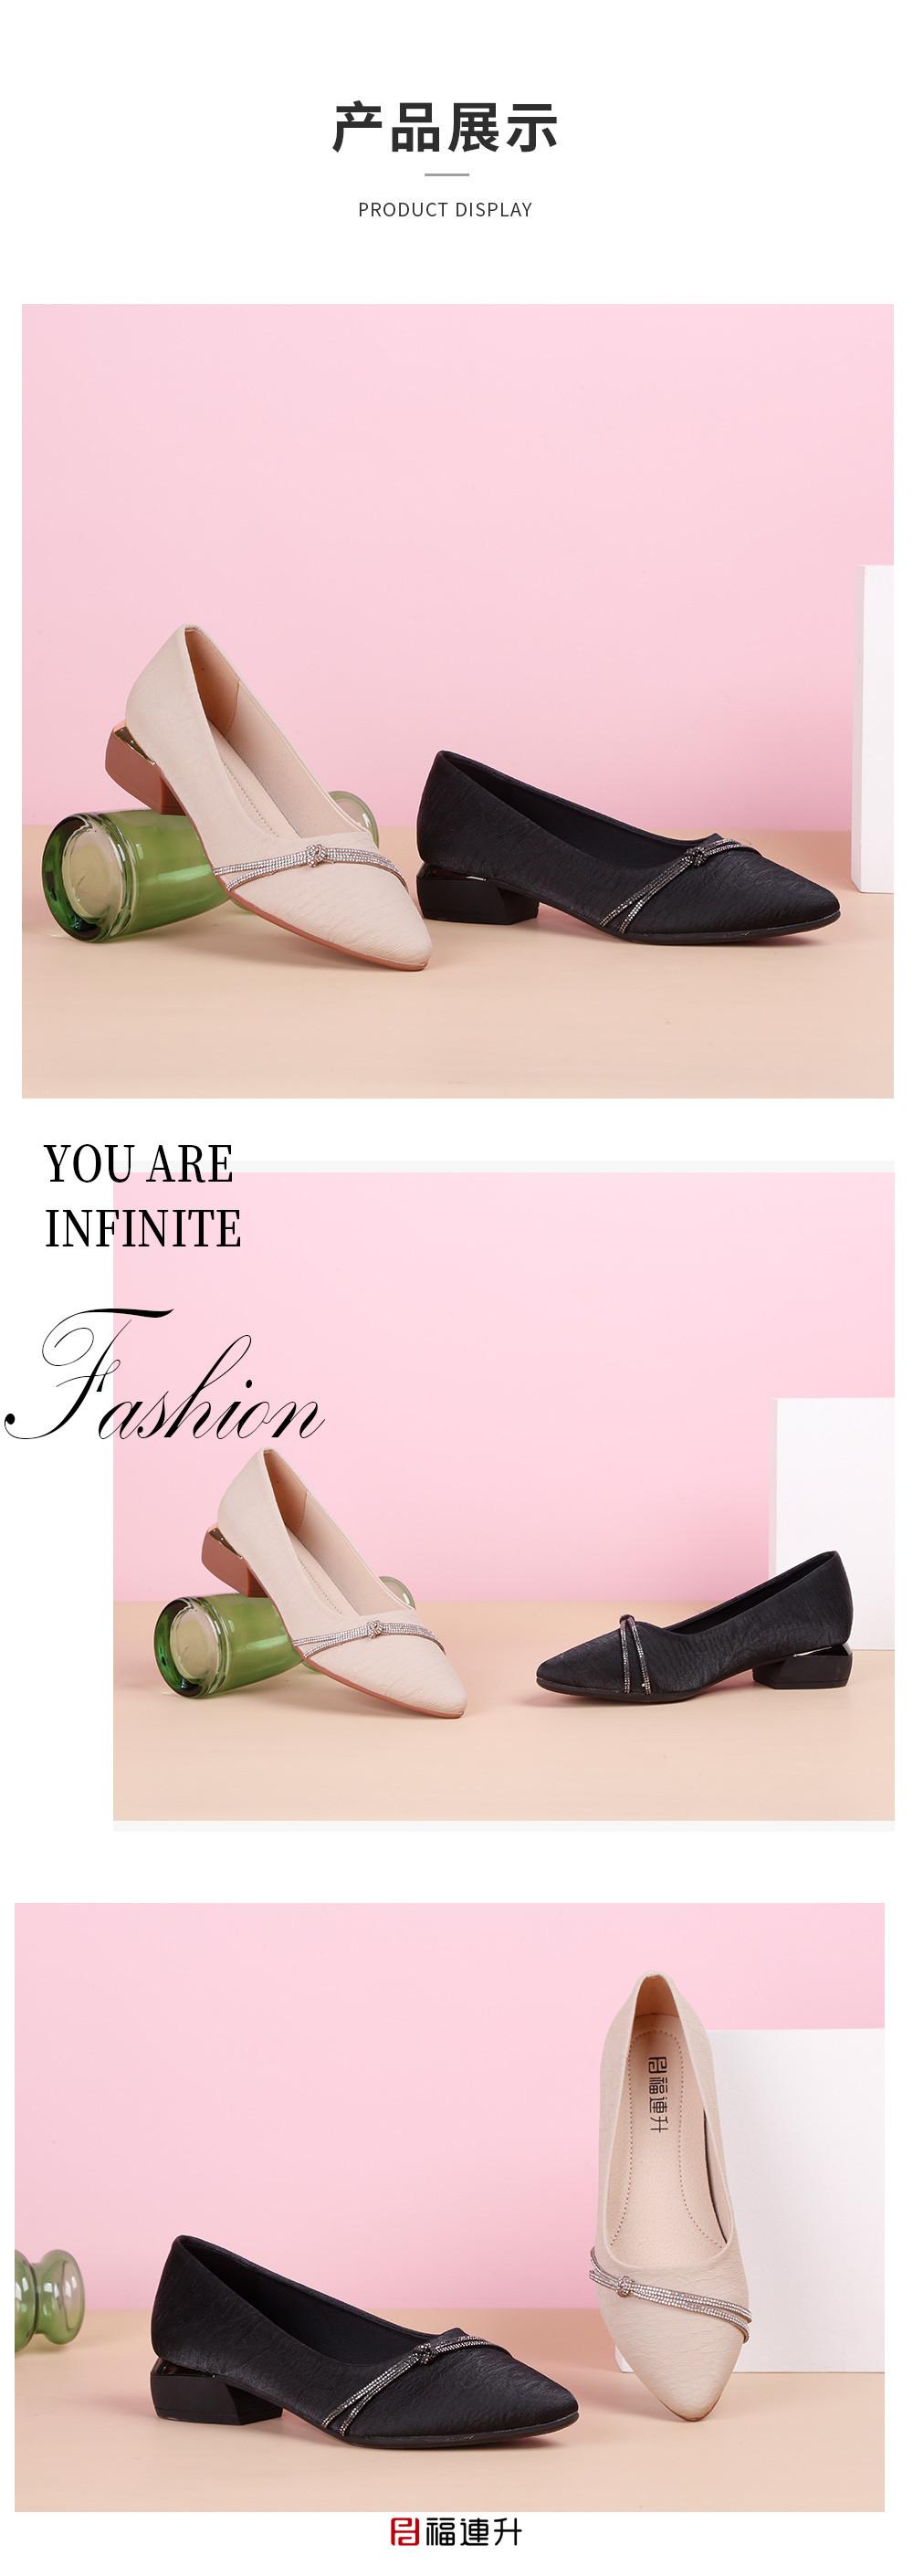 福连升休闲鞋女鞋春季女士时尚休闲鞋粗跟浅口单鞋图片